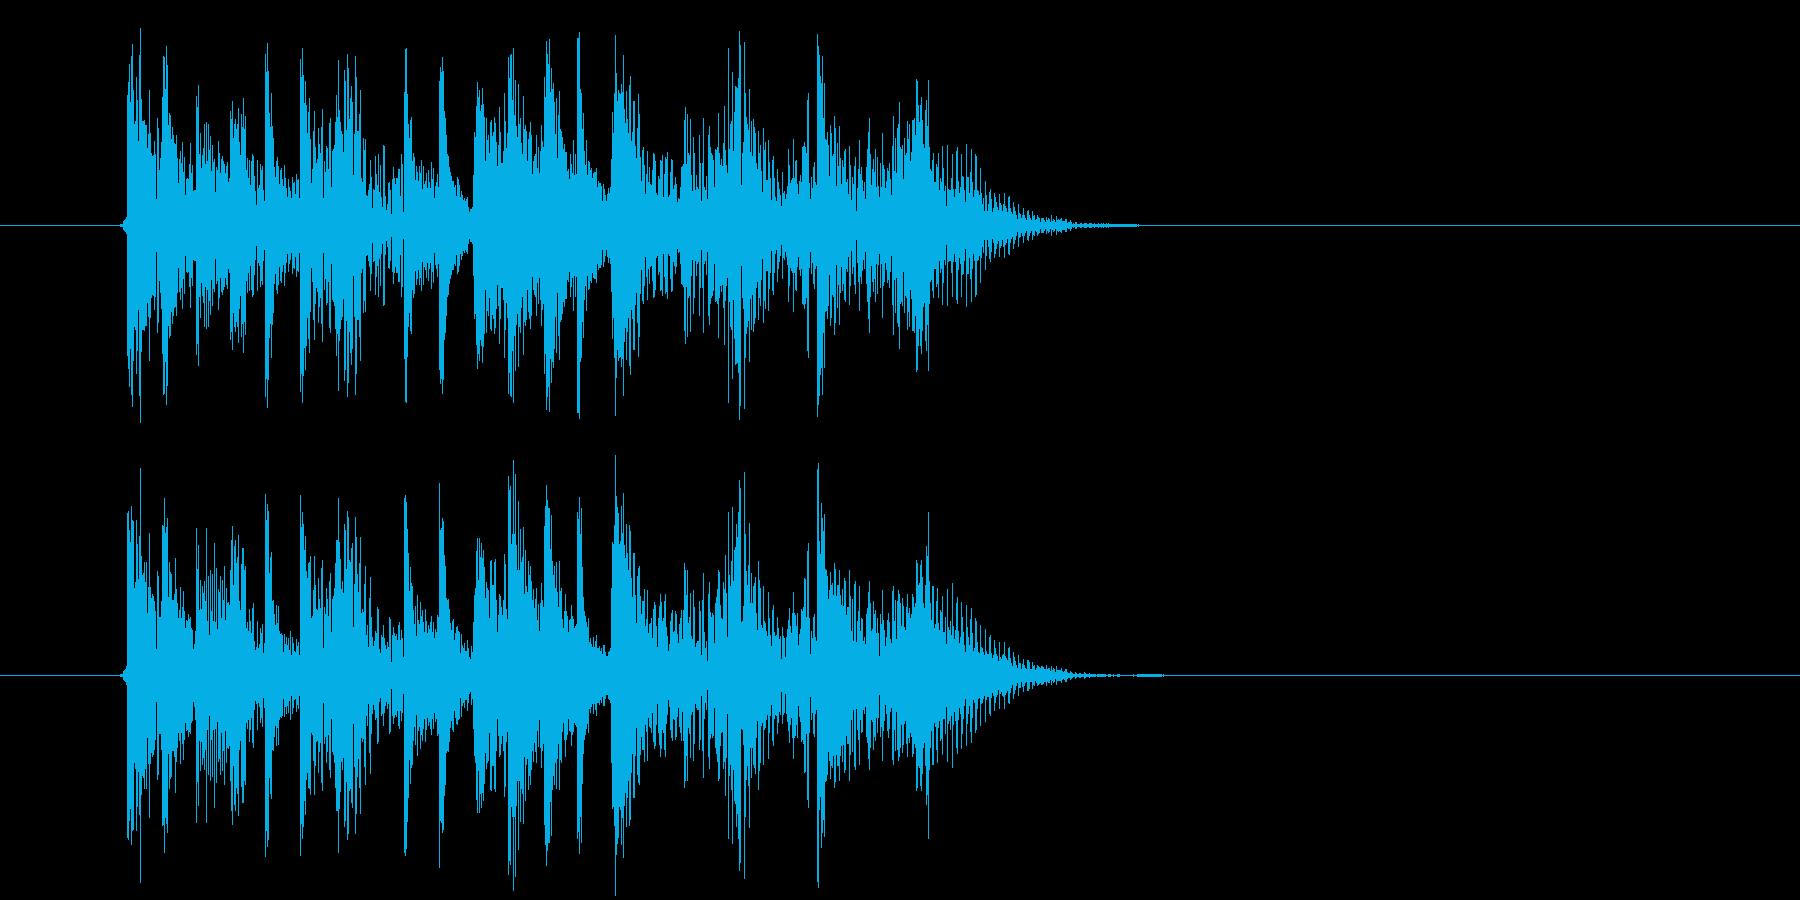 テクノ系アップテンポミュージックの再生済みの波形